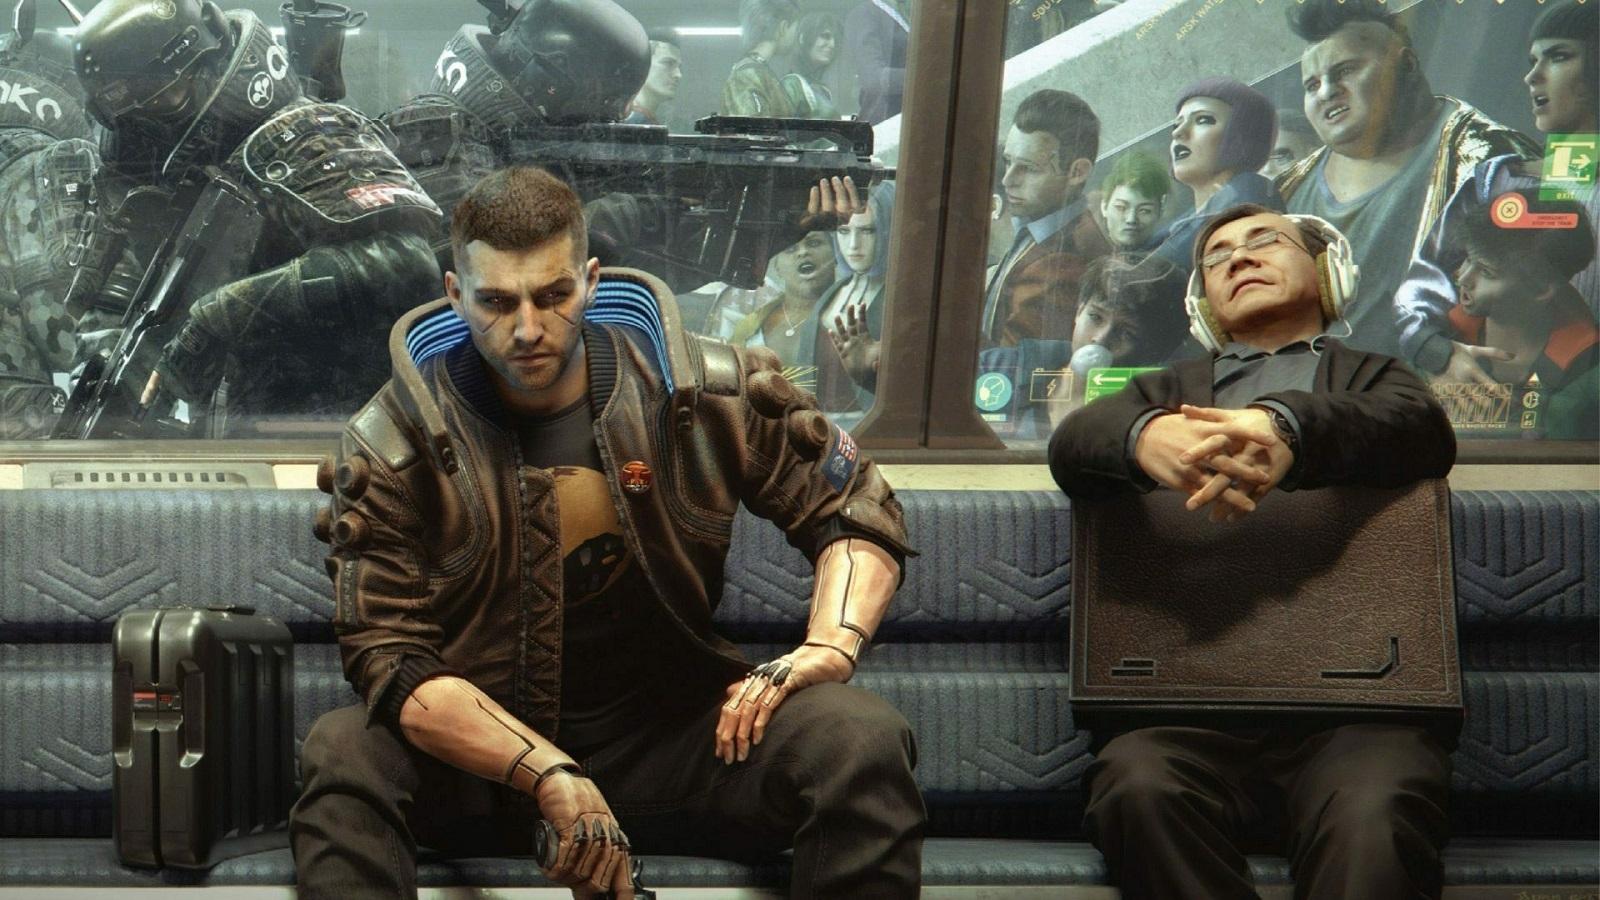 Игроки обнаружили в Cyberpunk 2077 остатки метрополитена